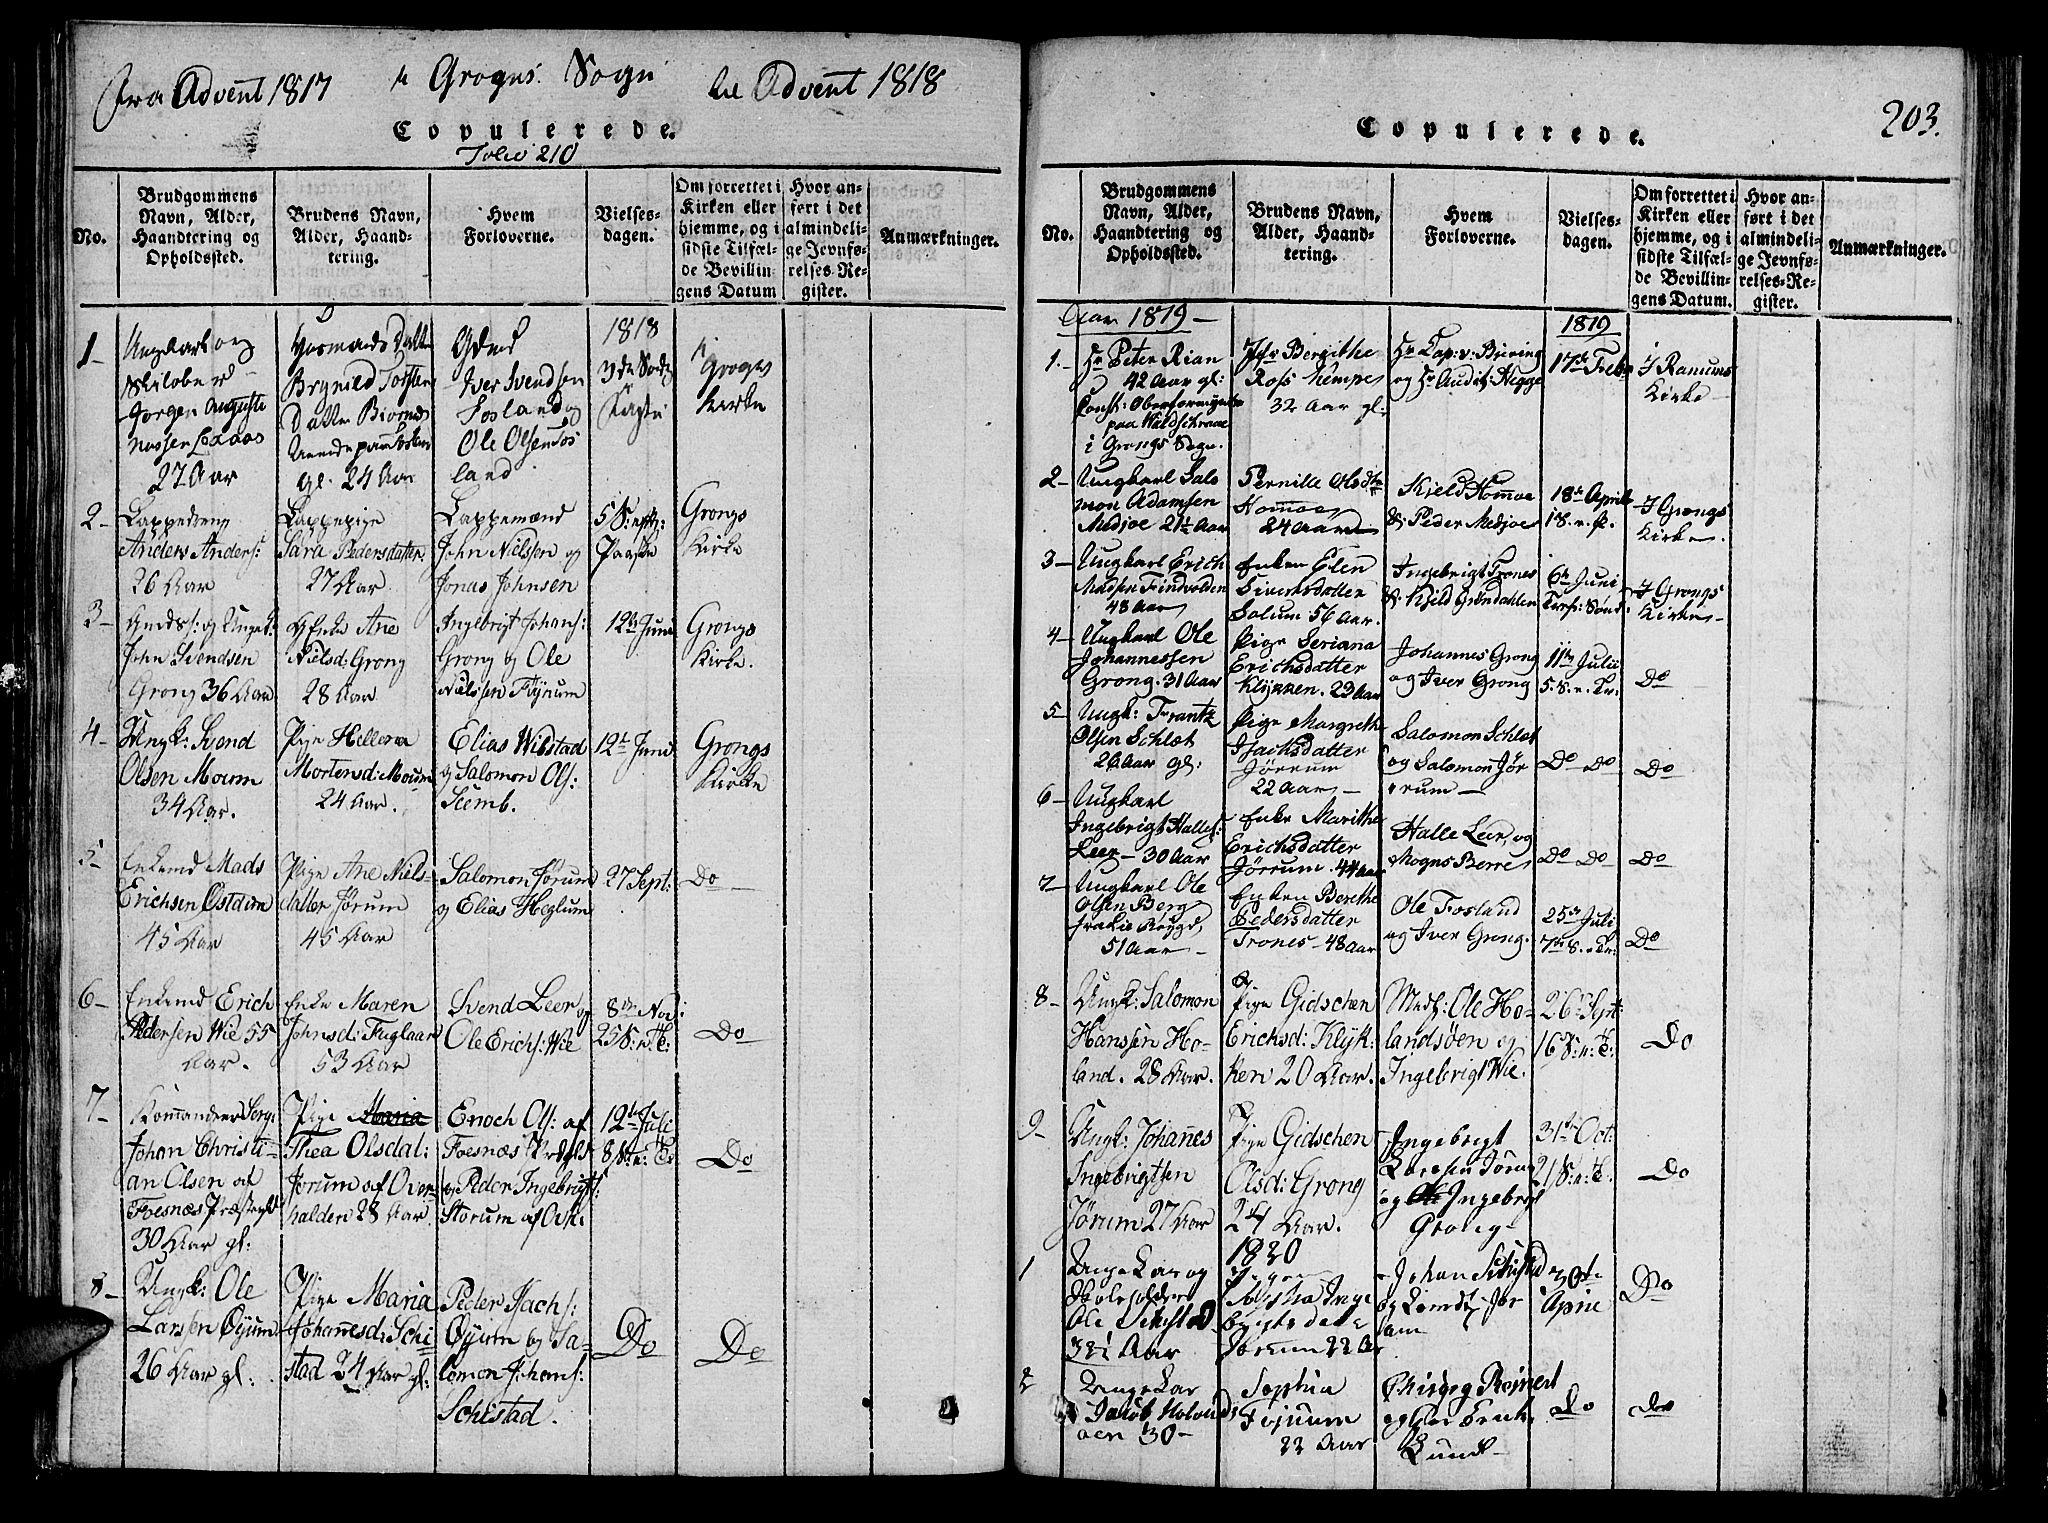 SAT, Ministerialprotokoller, klokkerbøker og fødselsregistre - Nord-Trøndelag, 764/L0546: Ministerialbok nr. 764A06 /2, 1817-1822, s. 203